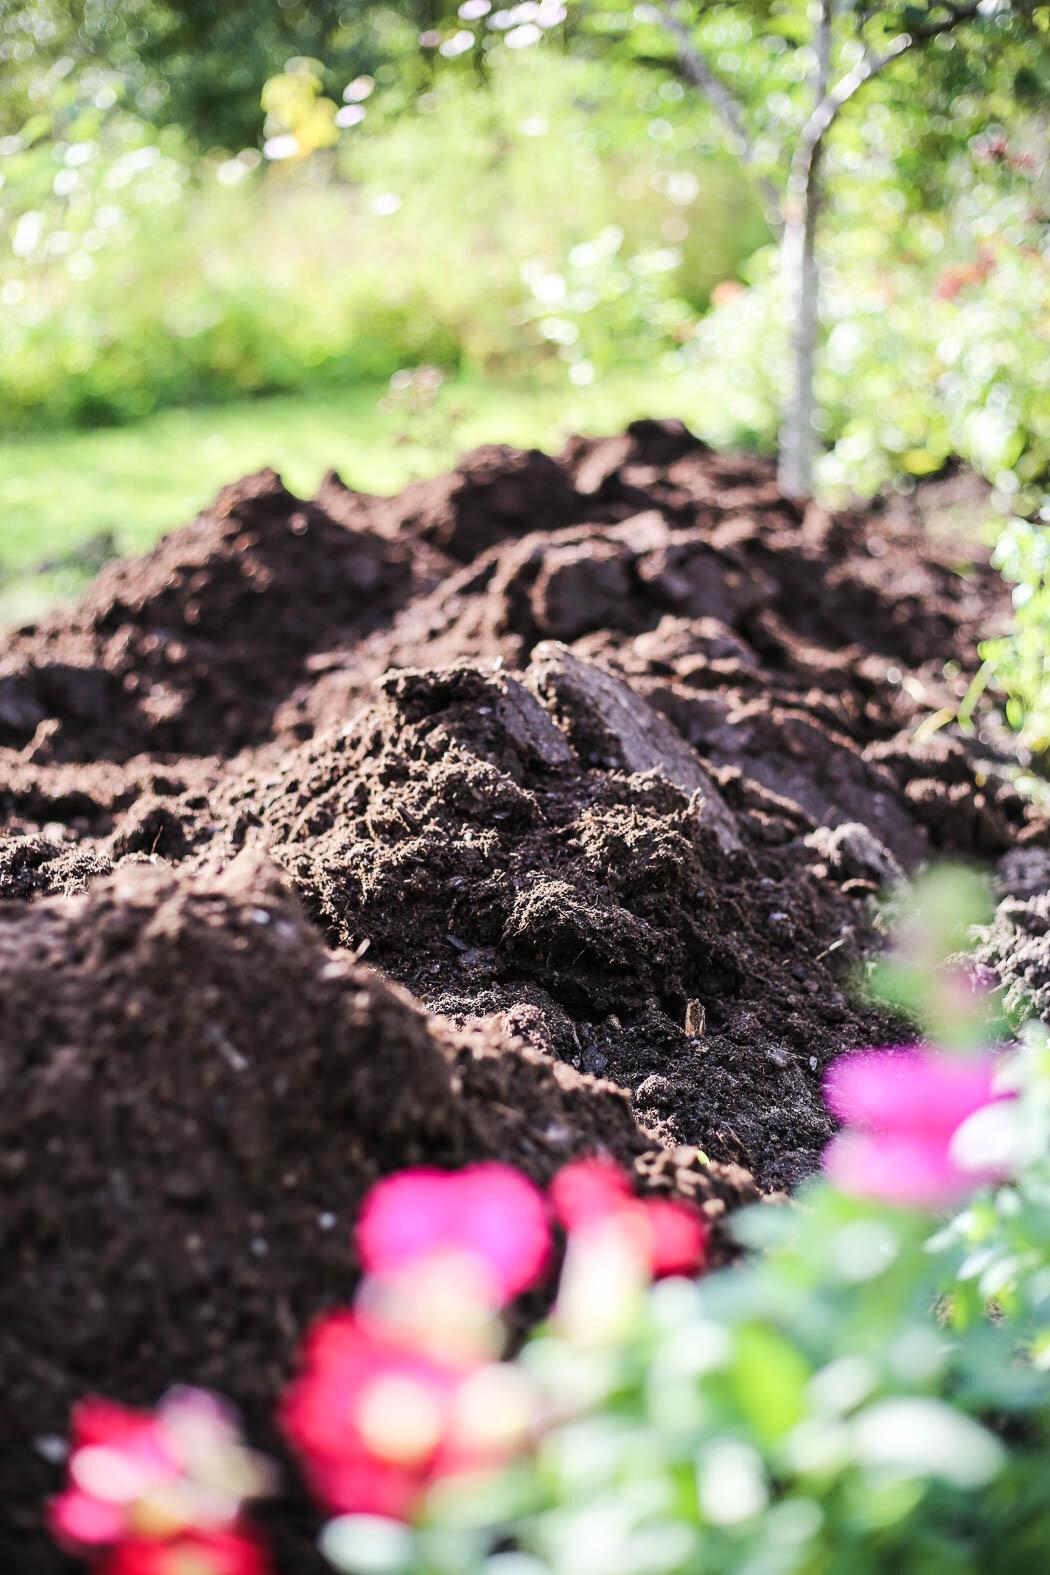 Underbar textur på jorden i rabatten, här kommer det att växa bra!